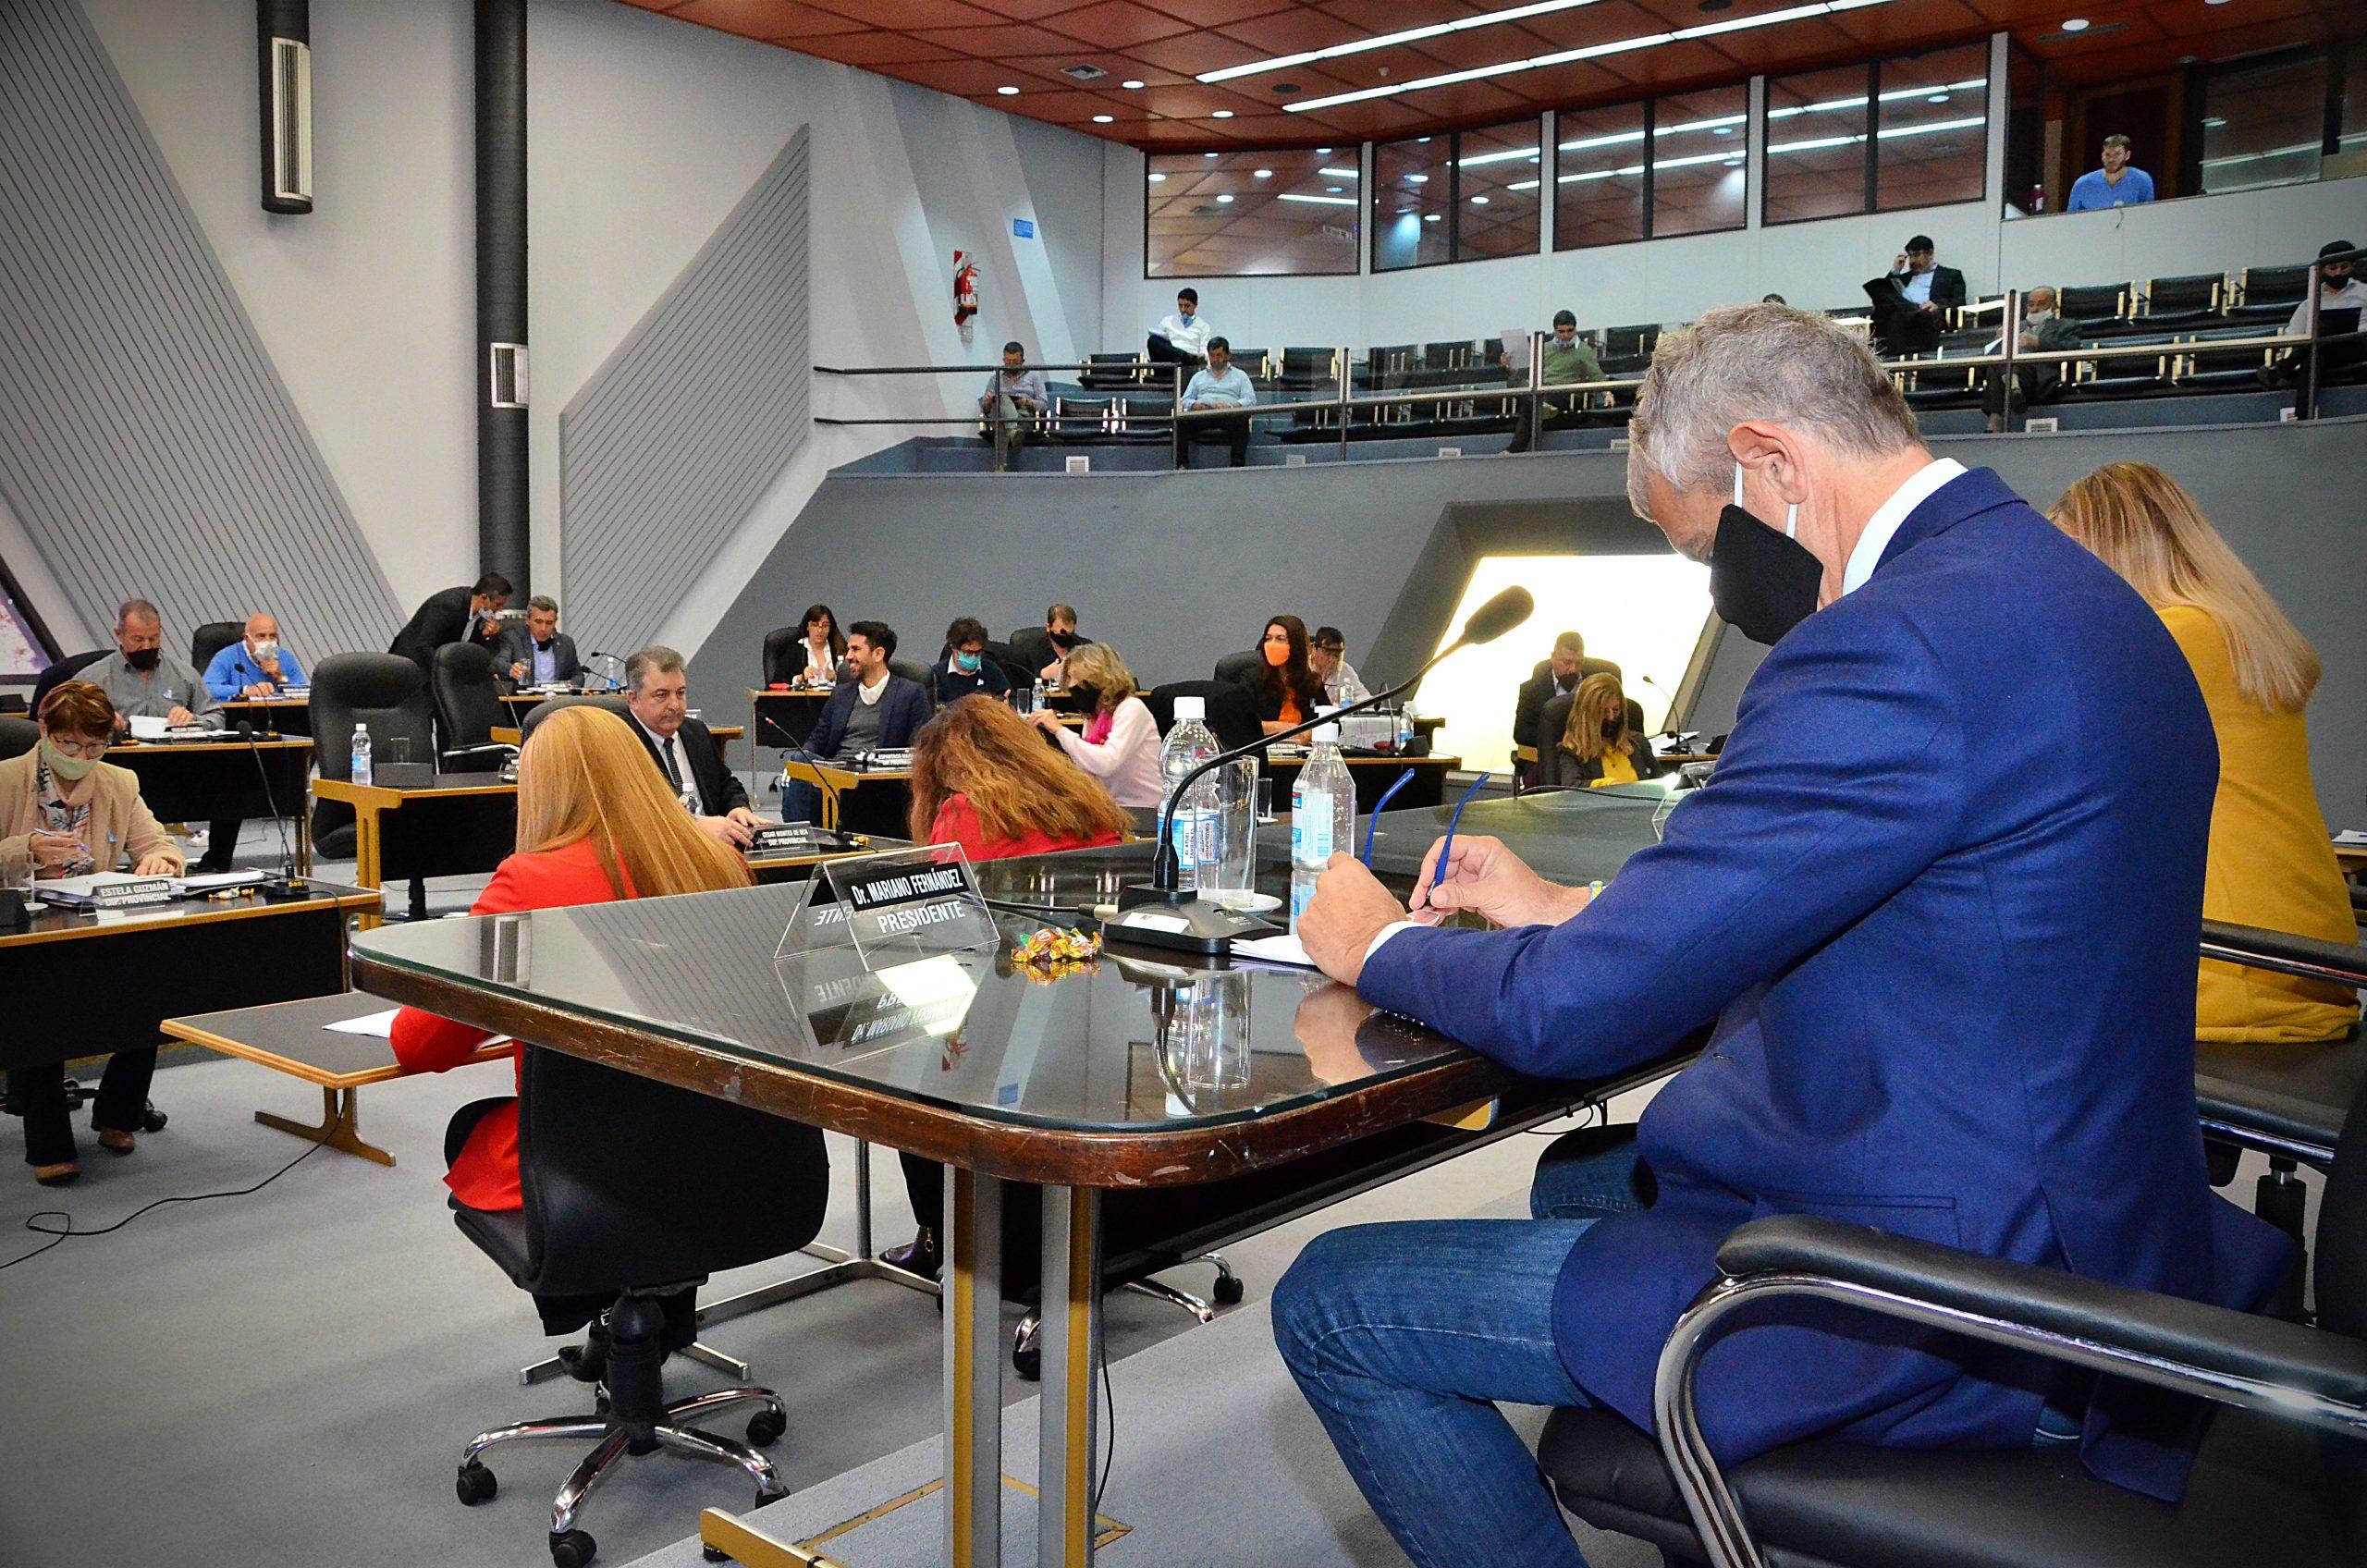 La Cámara de Diputados aprobó los proyectos que ratifican los decretos de Ziliotto por la pandemia de Coronavirus